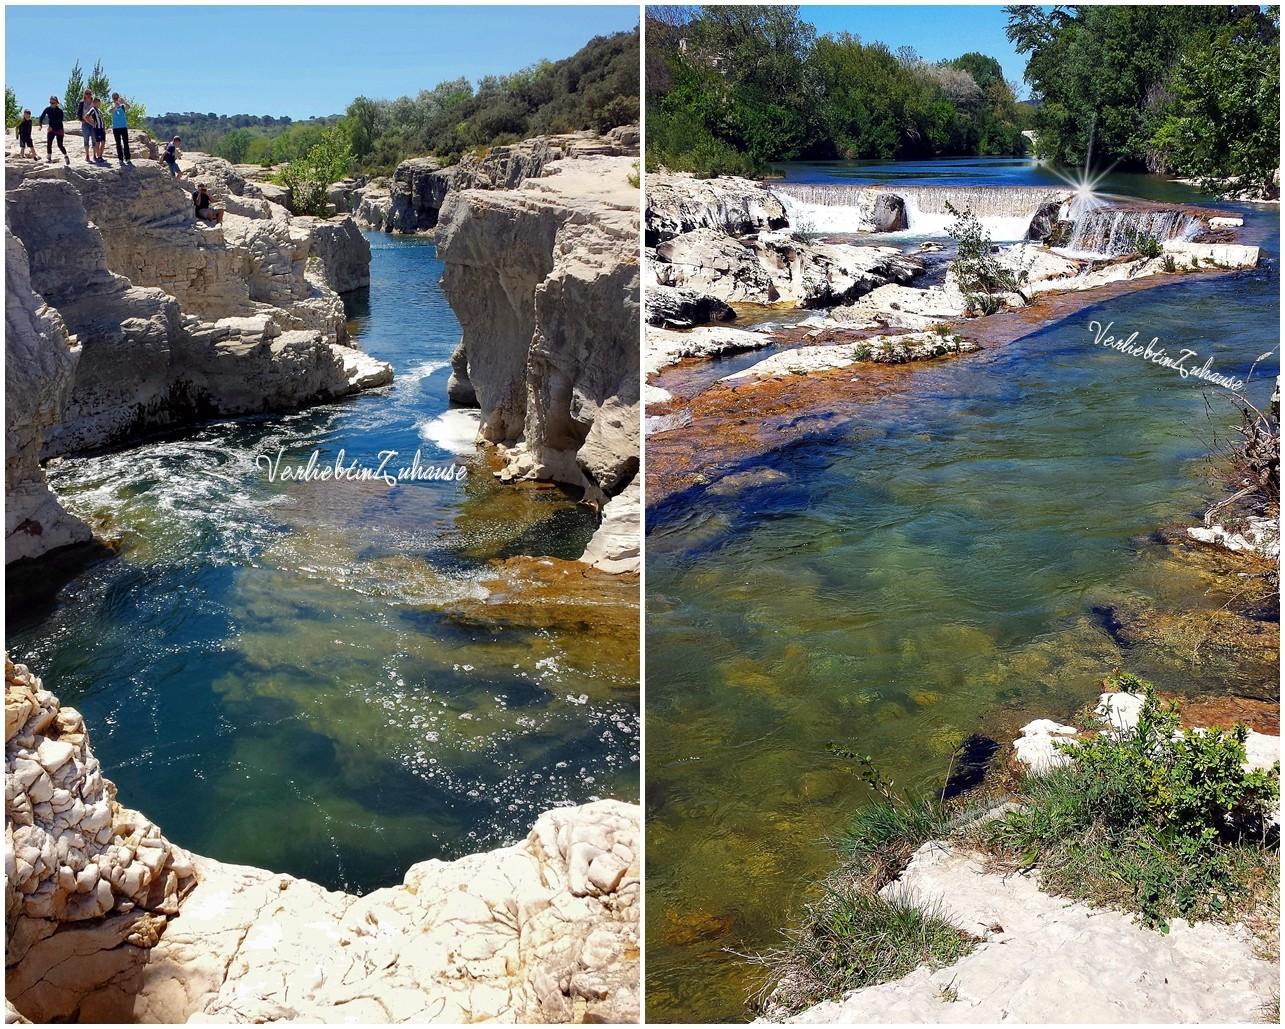 Felsblumen, Steinschluchten, Wasserfälle, Wasserstrudel an den Kaskaden von Sautadet in Frankreich